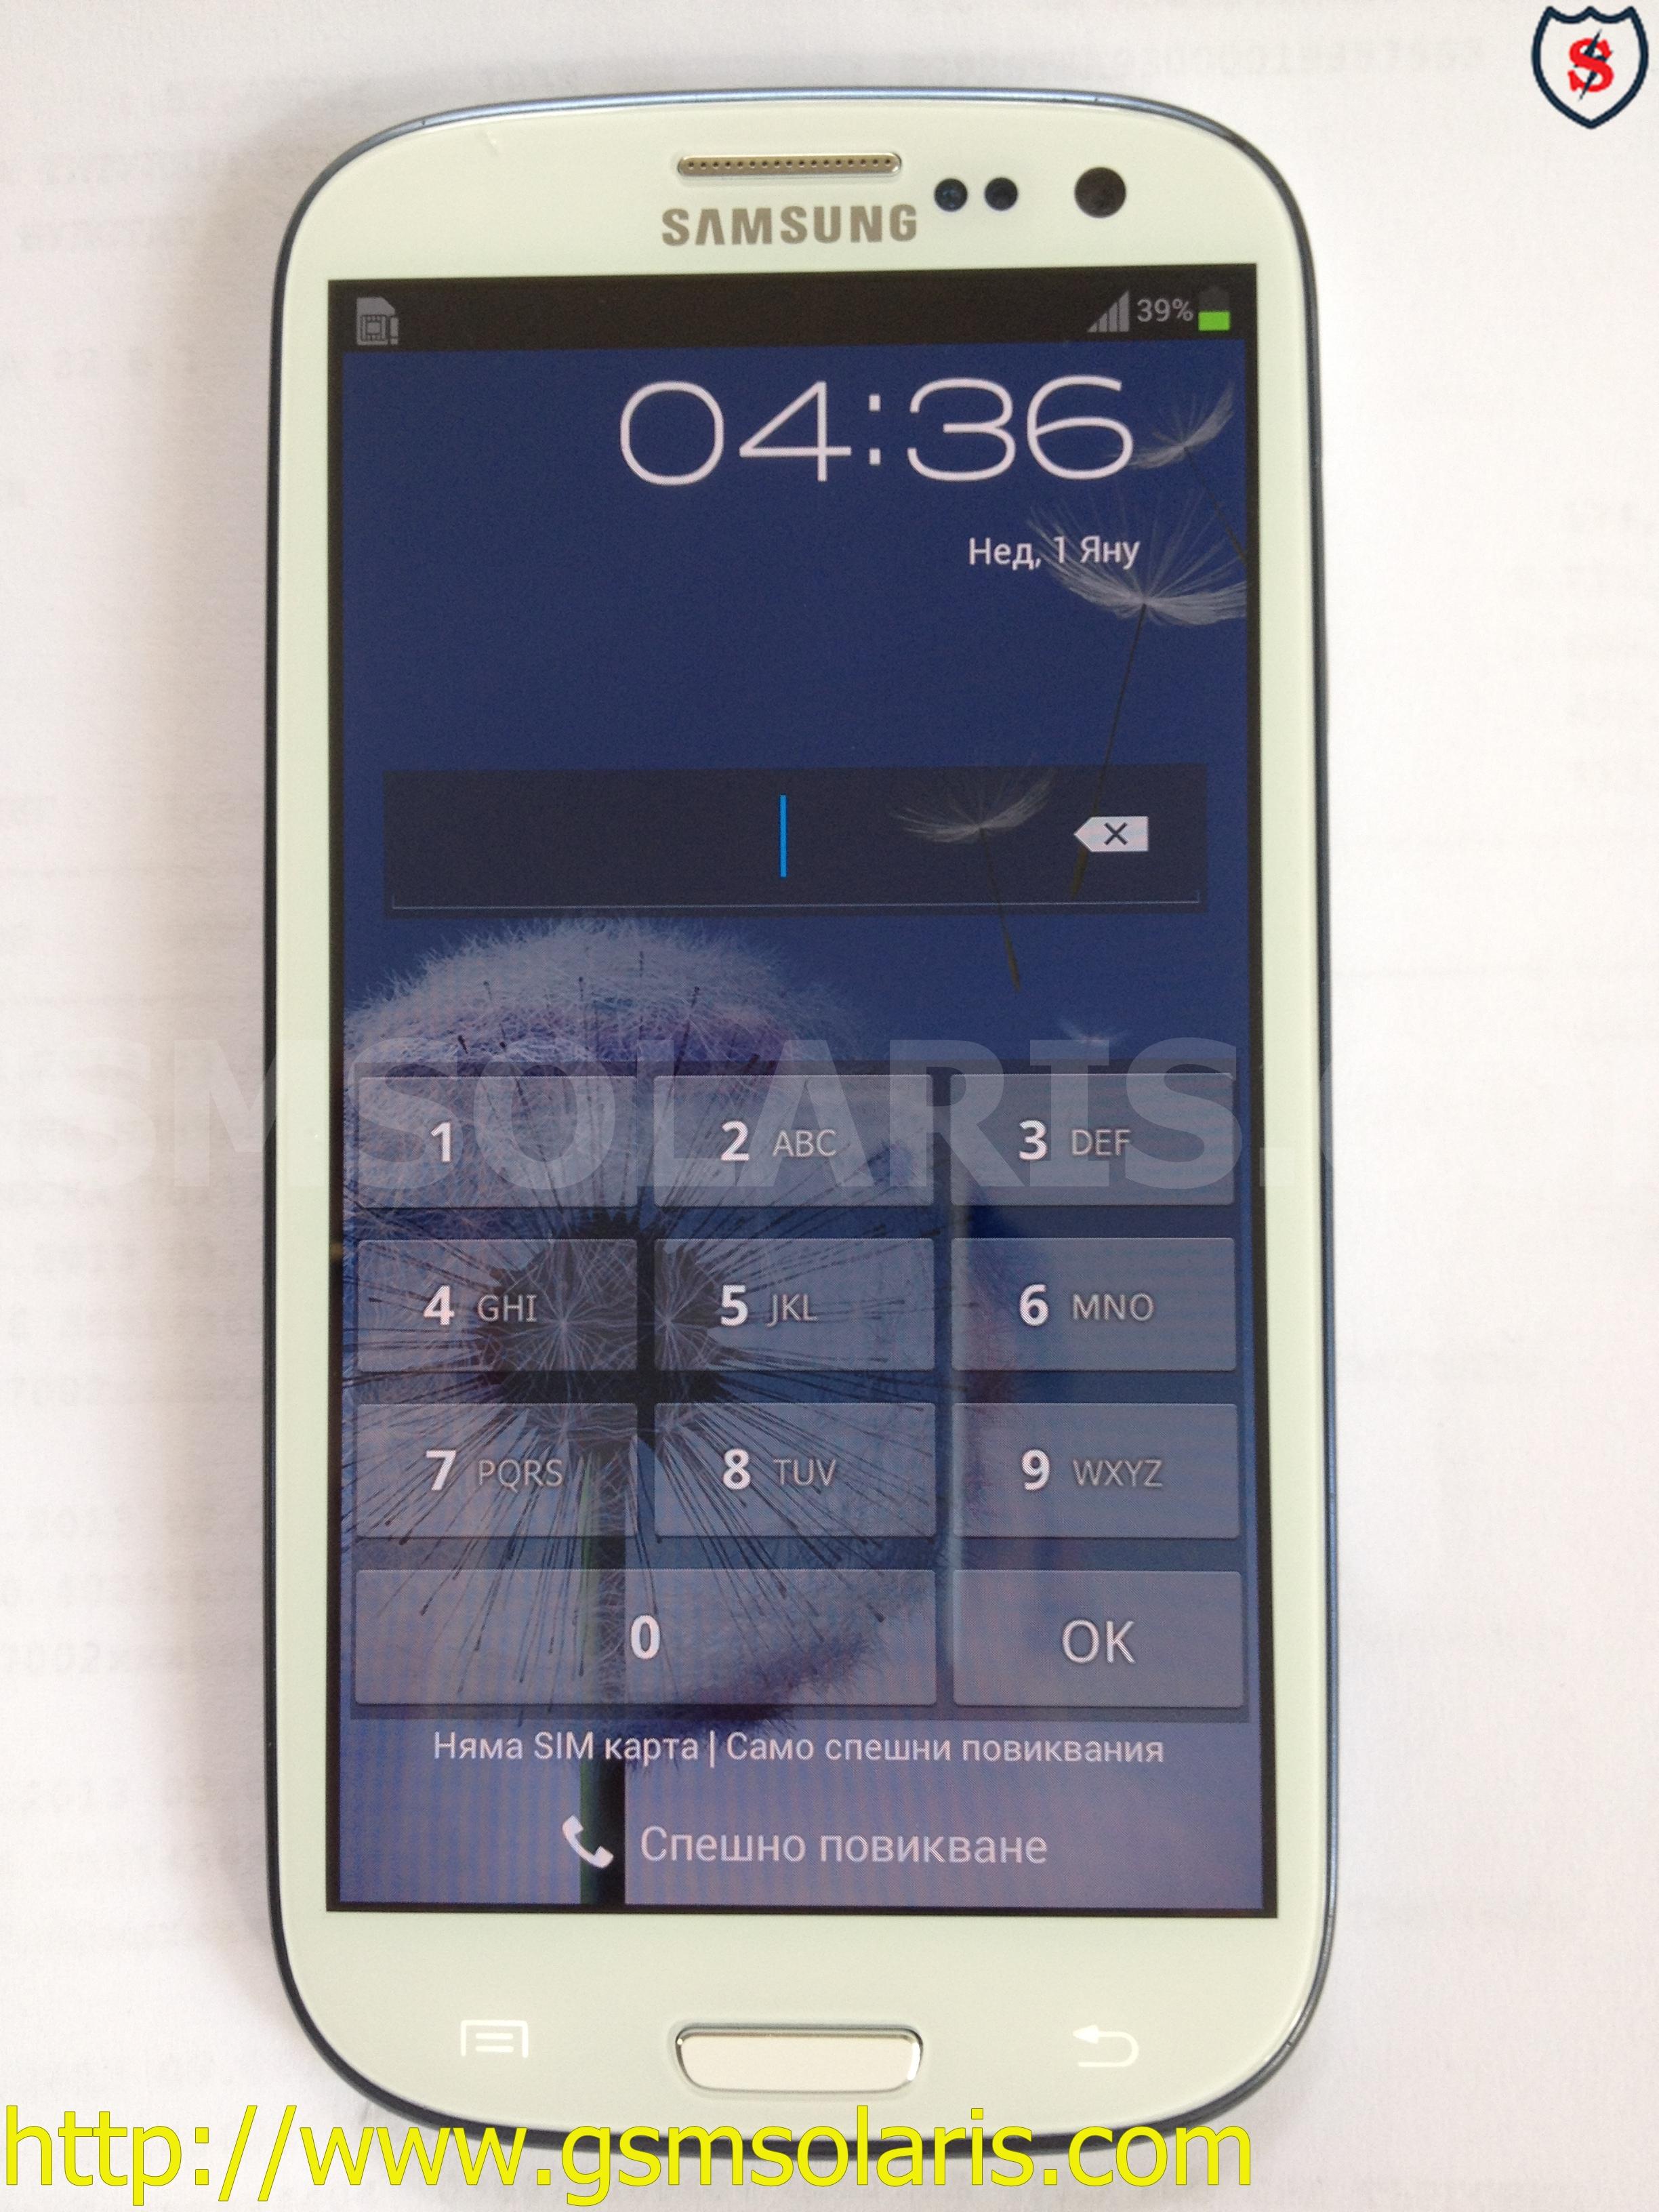 смяна на стъкло и дисплей (55)_new.jpg